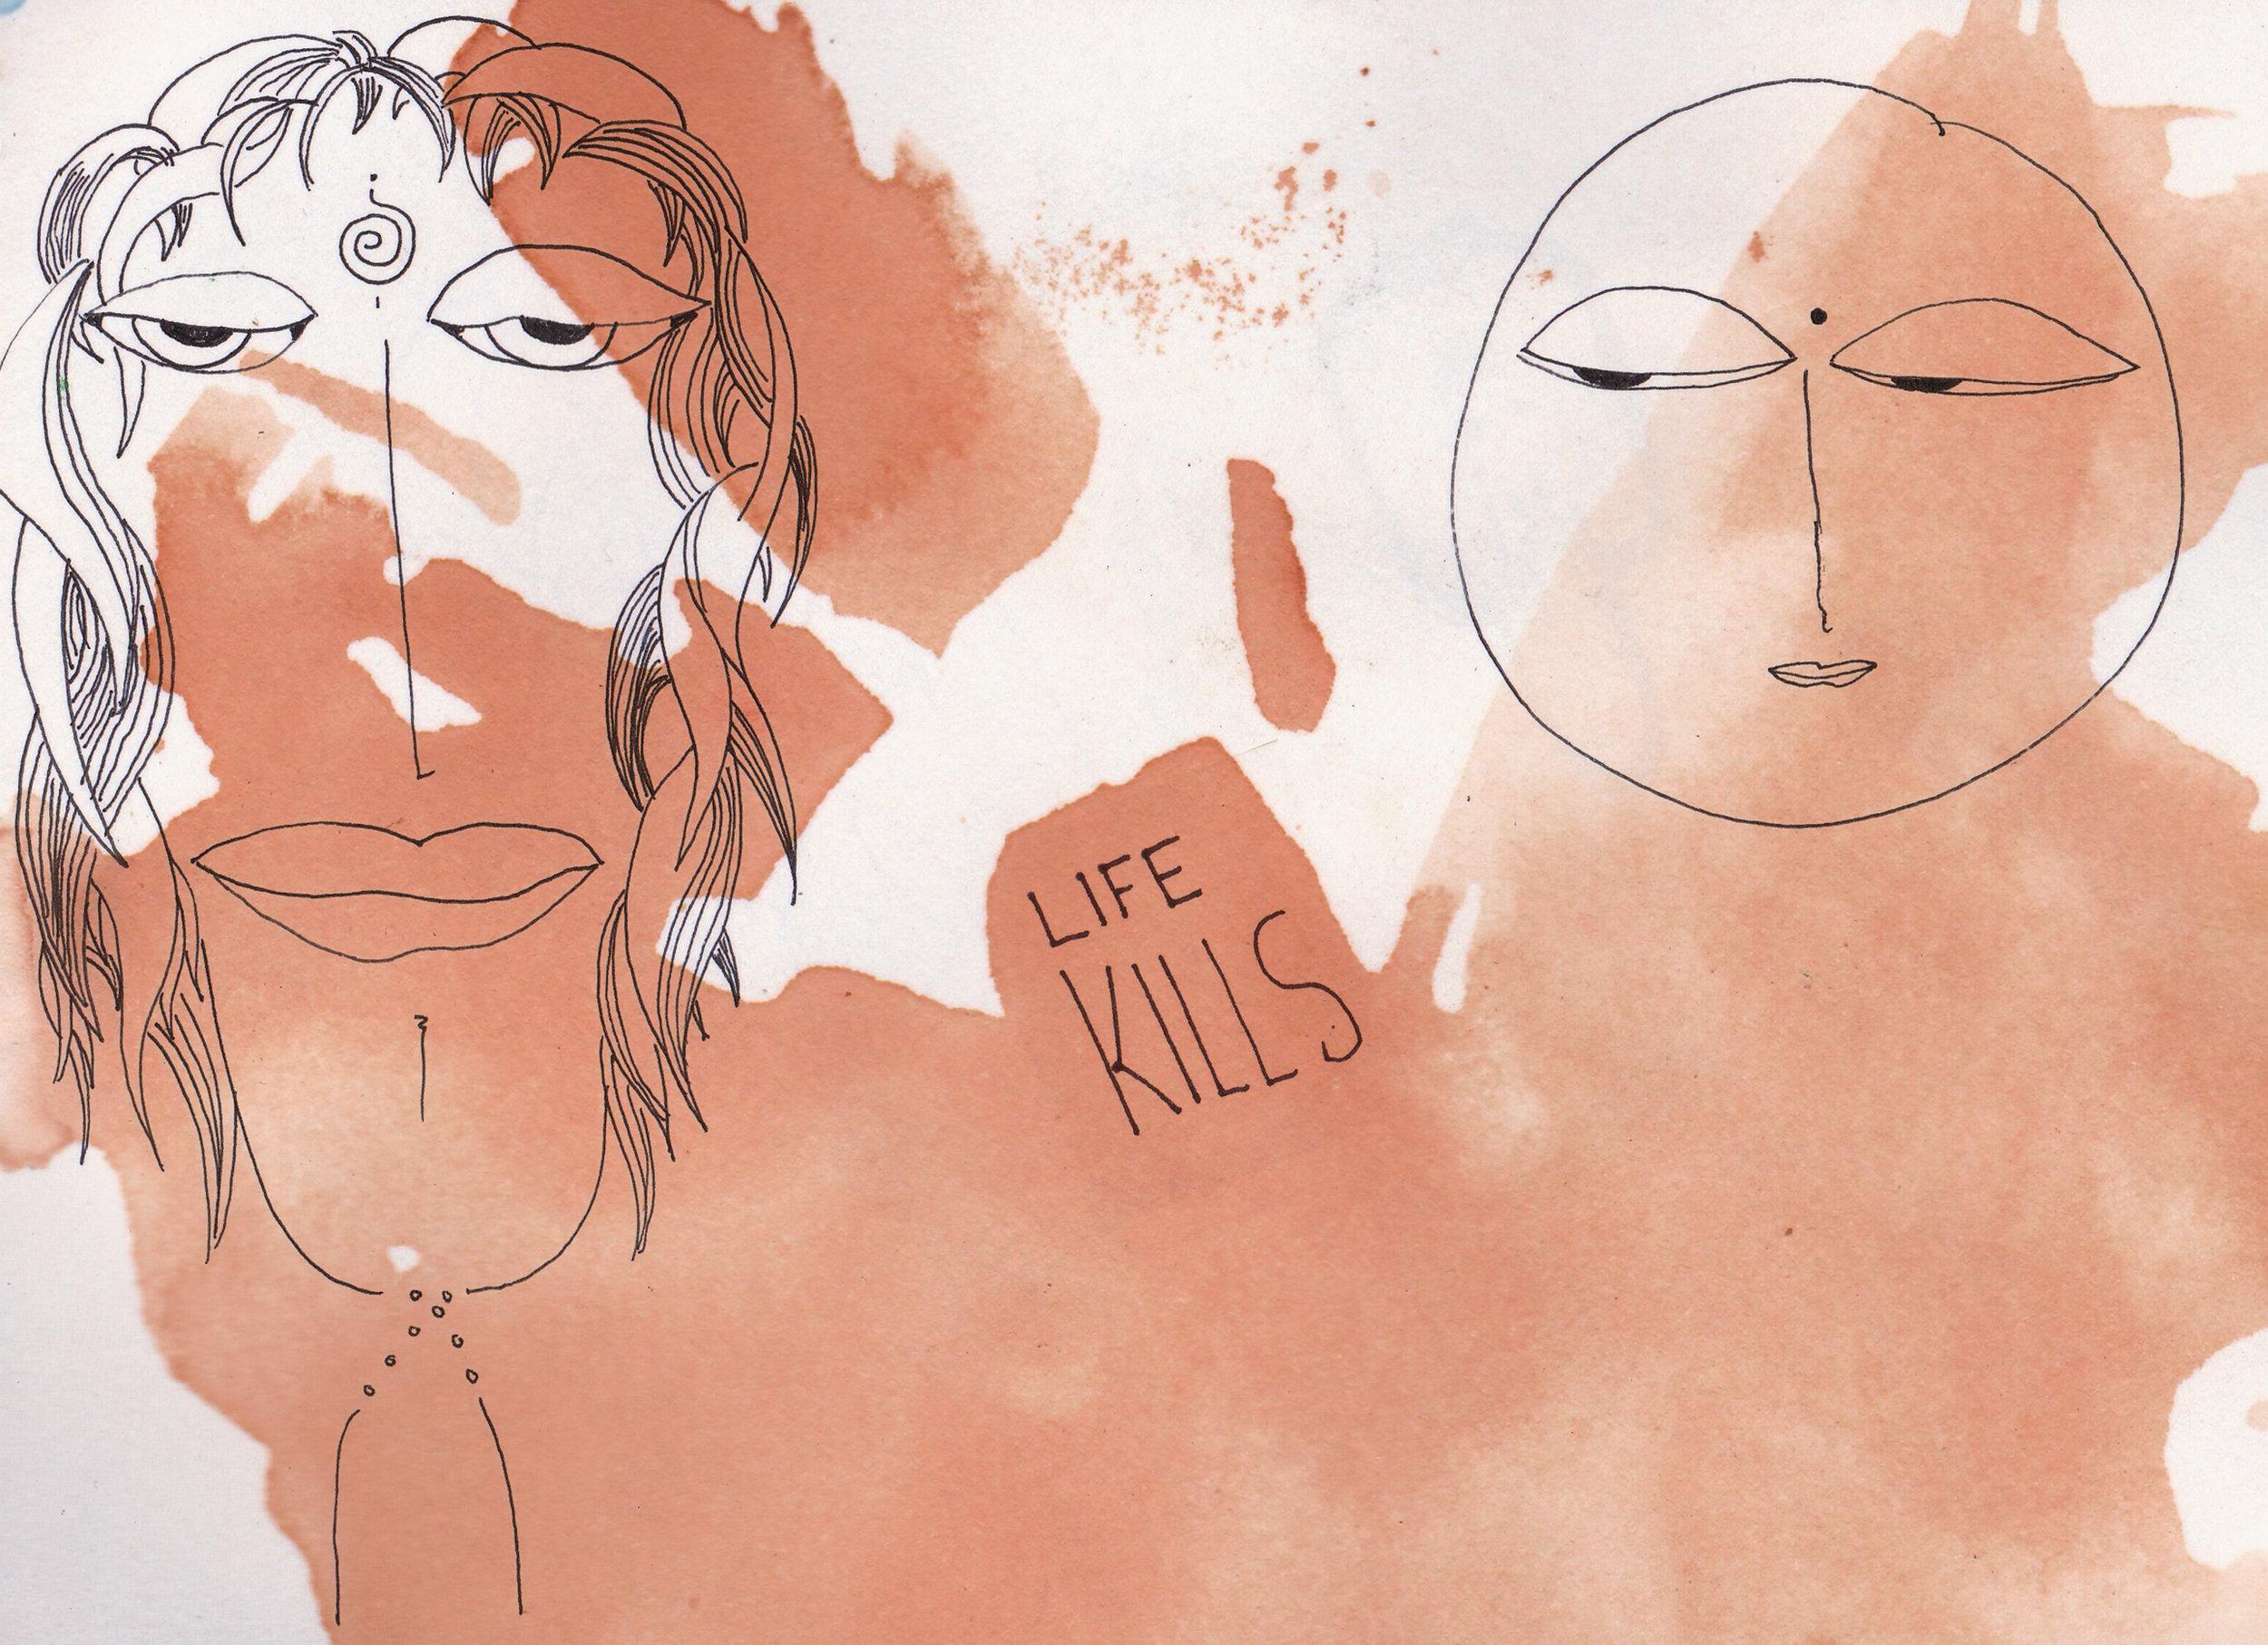 life kills.jpg